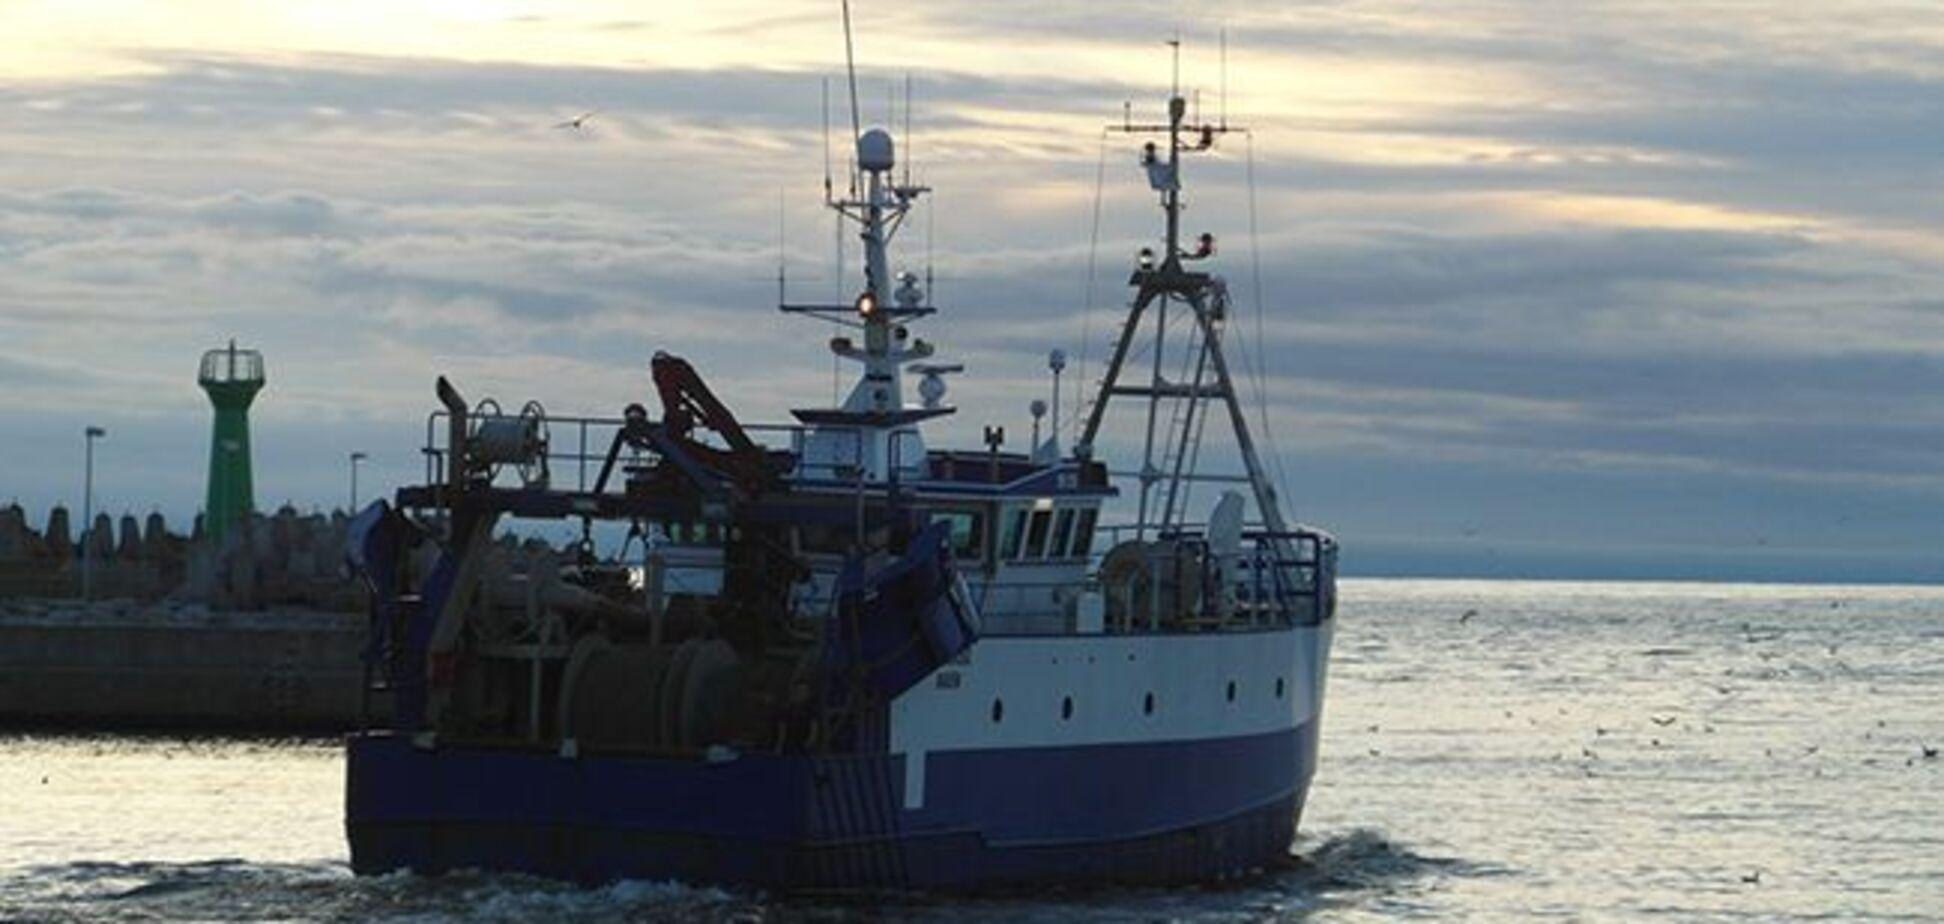 Затримання судна в Криму: з'явилася реакція України